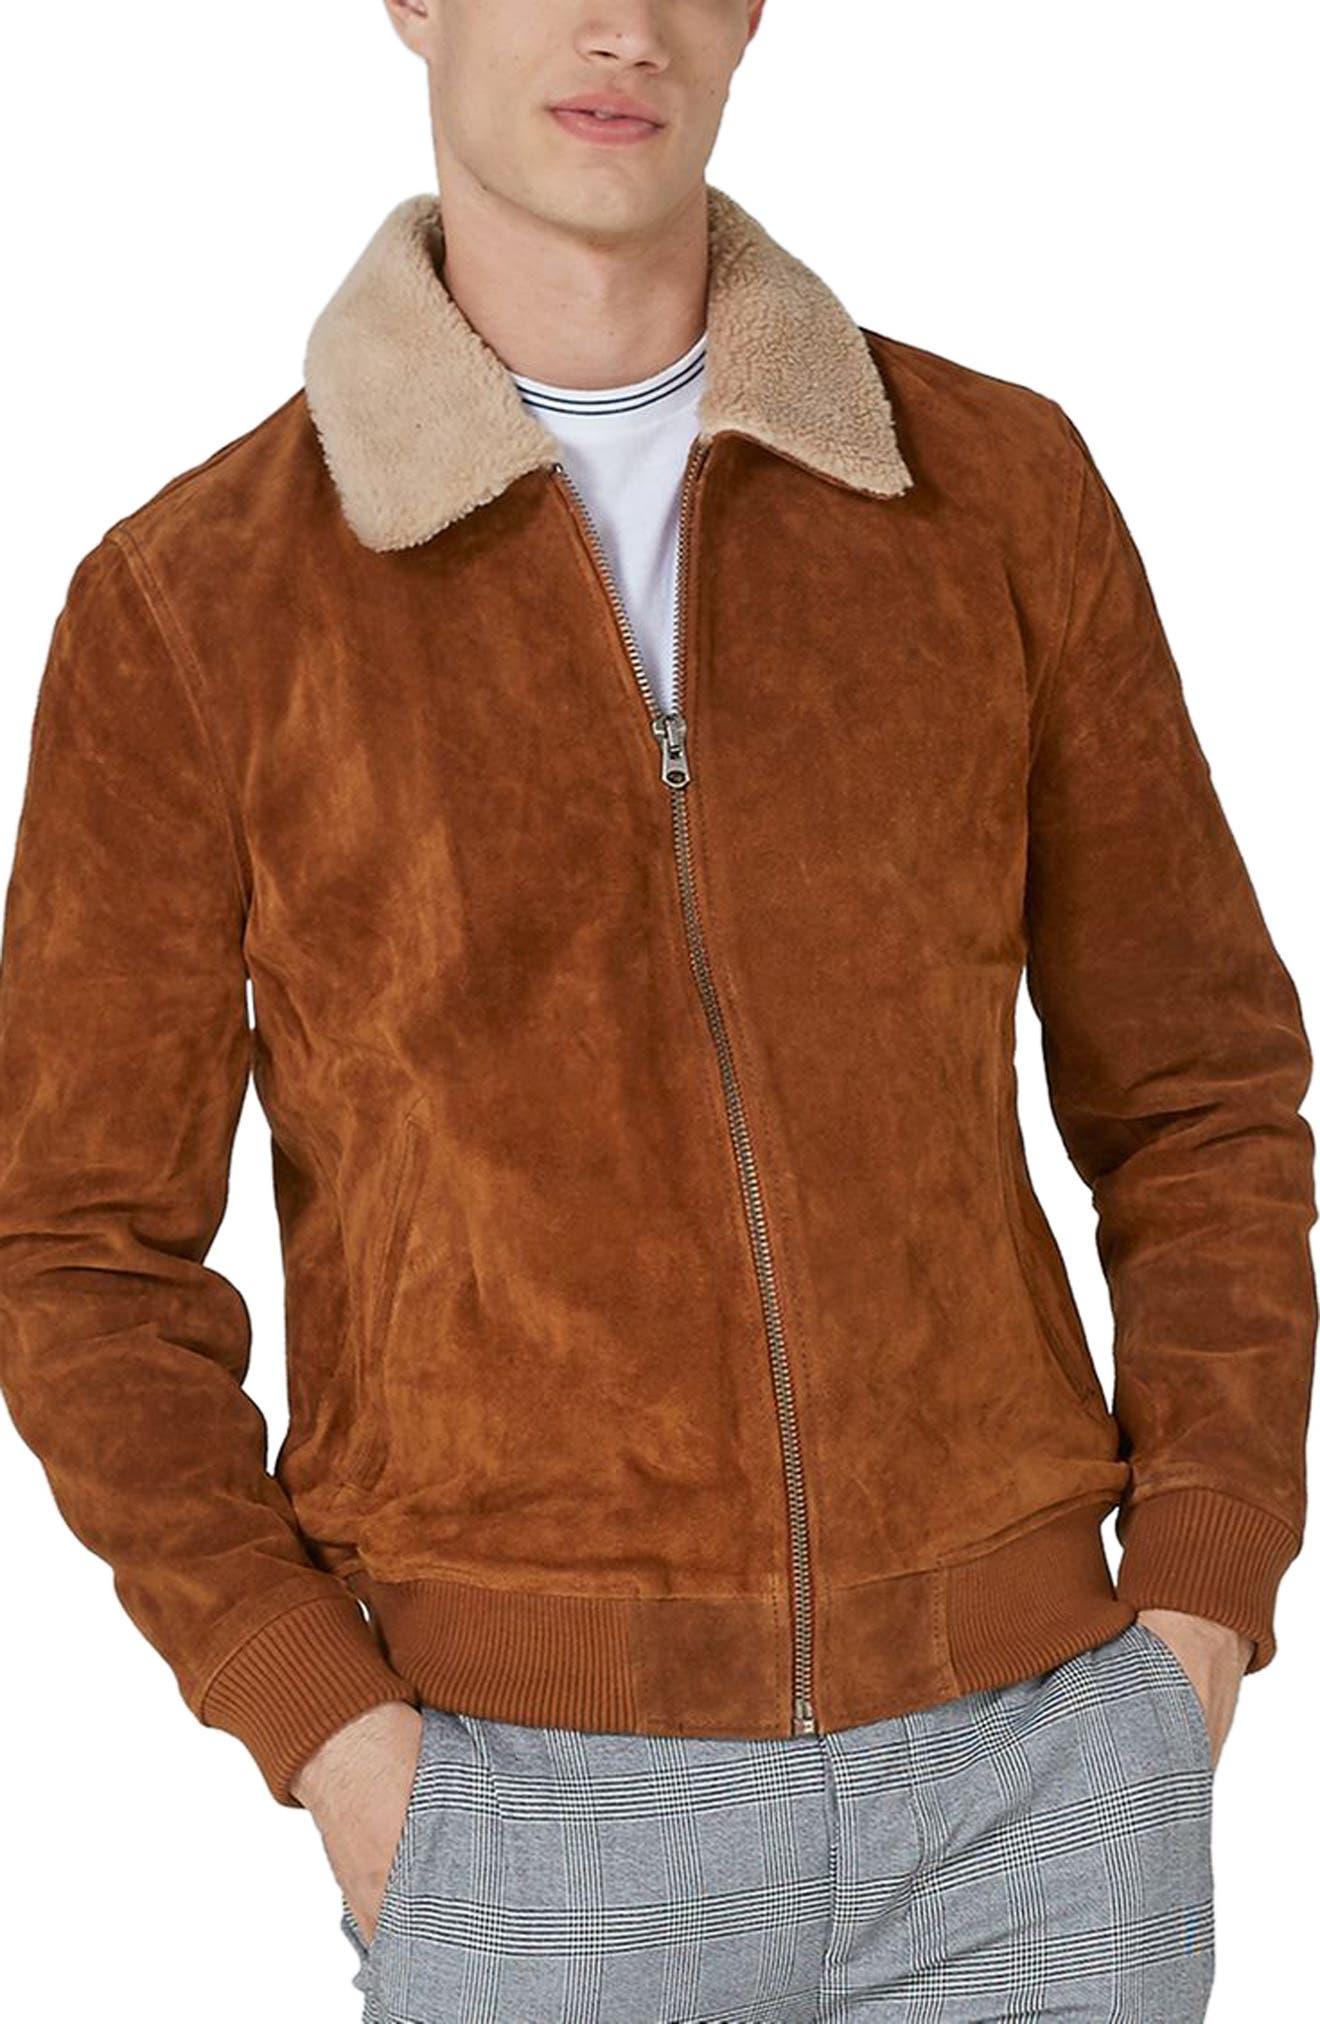 Borg Collar Suede Jacket,                         Main,                         color, Brown